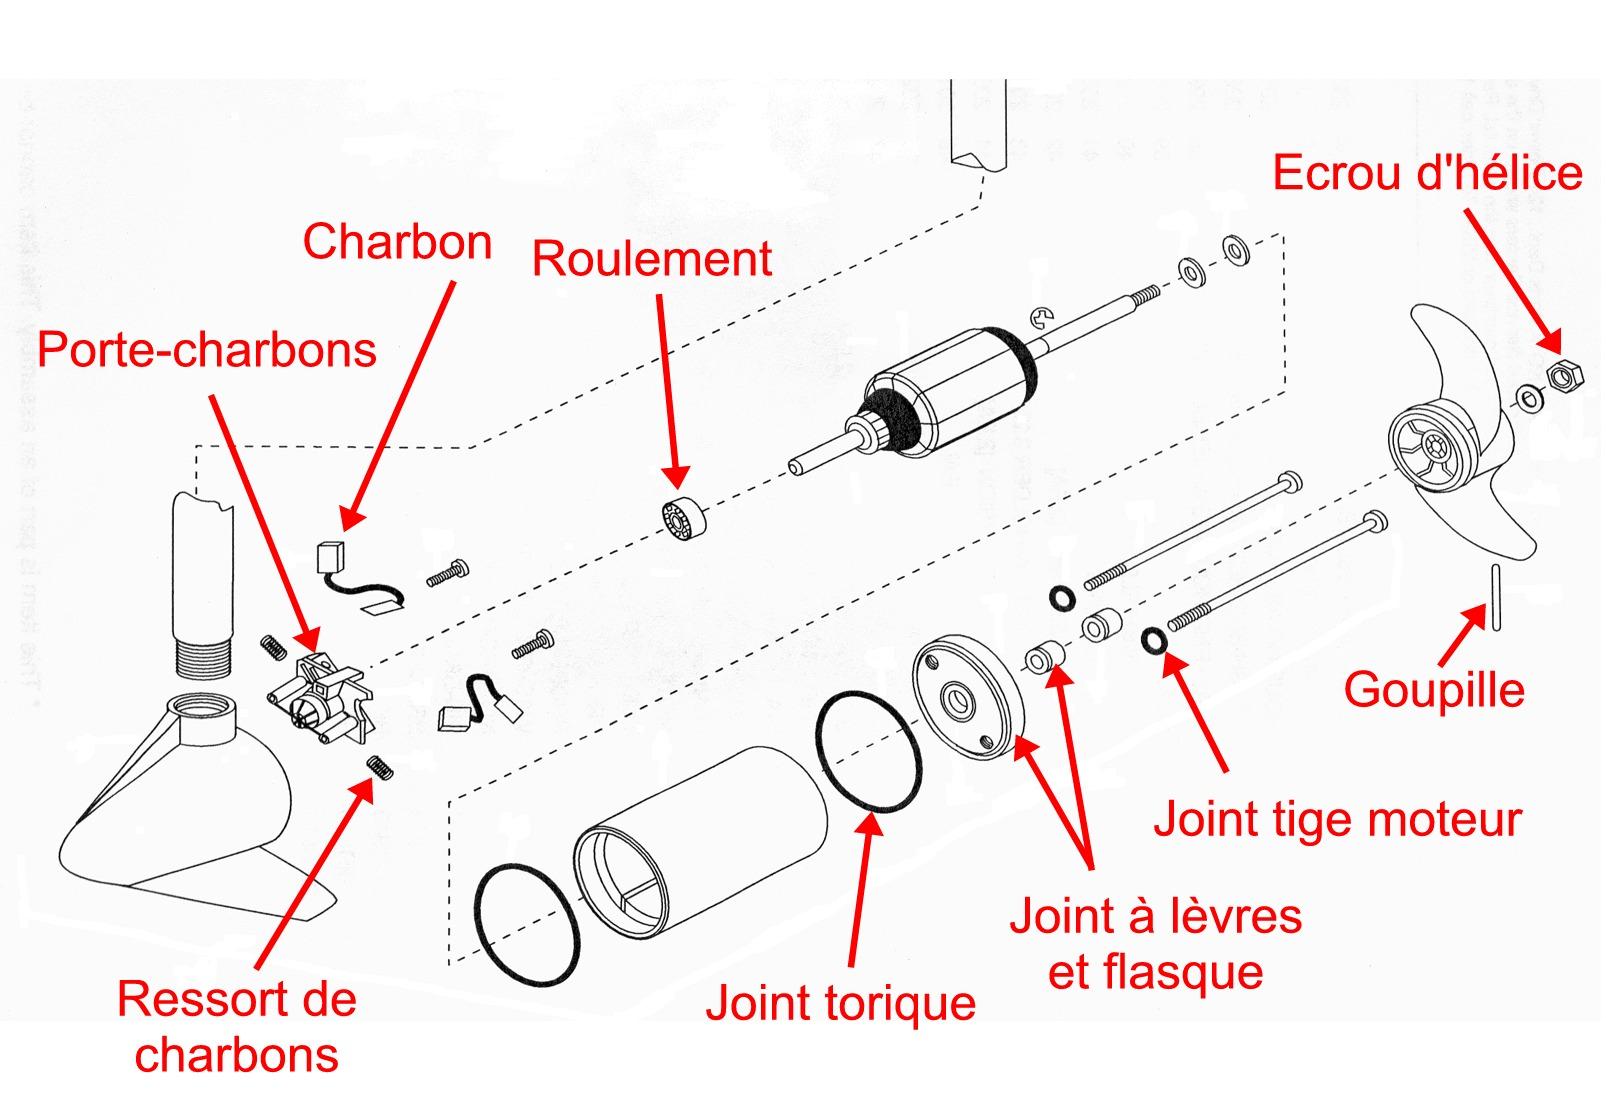 Eclater pied moteur electrique